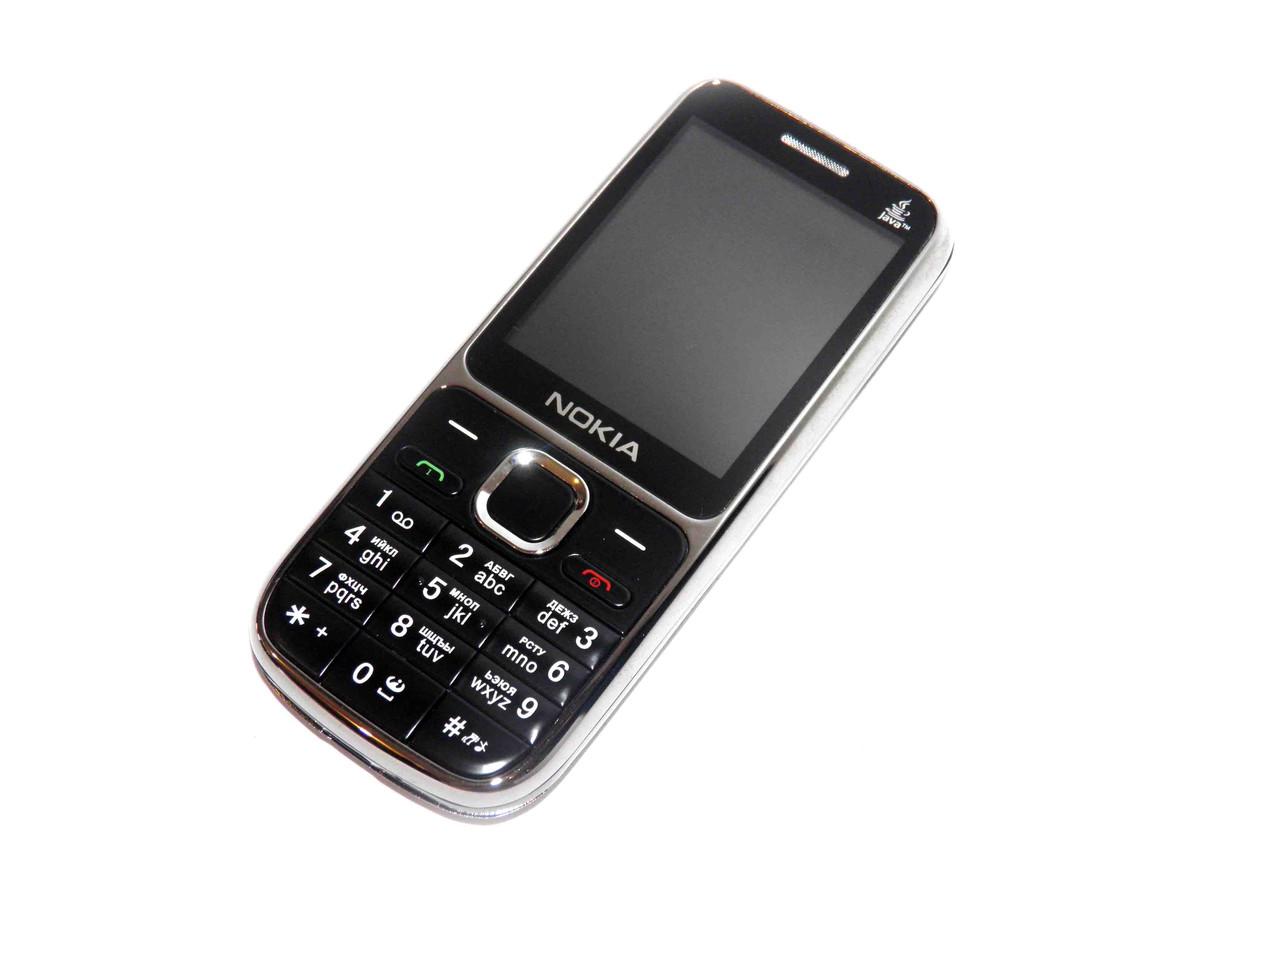 Nokia c 2